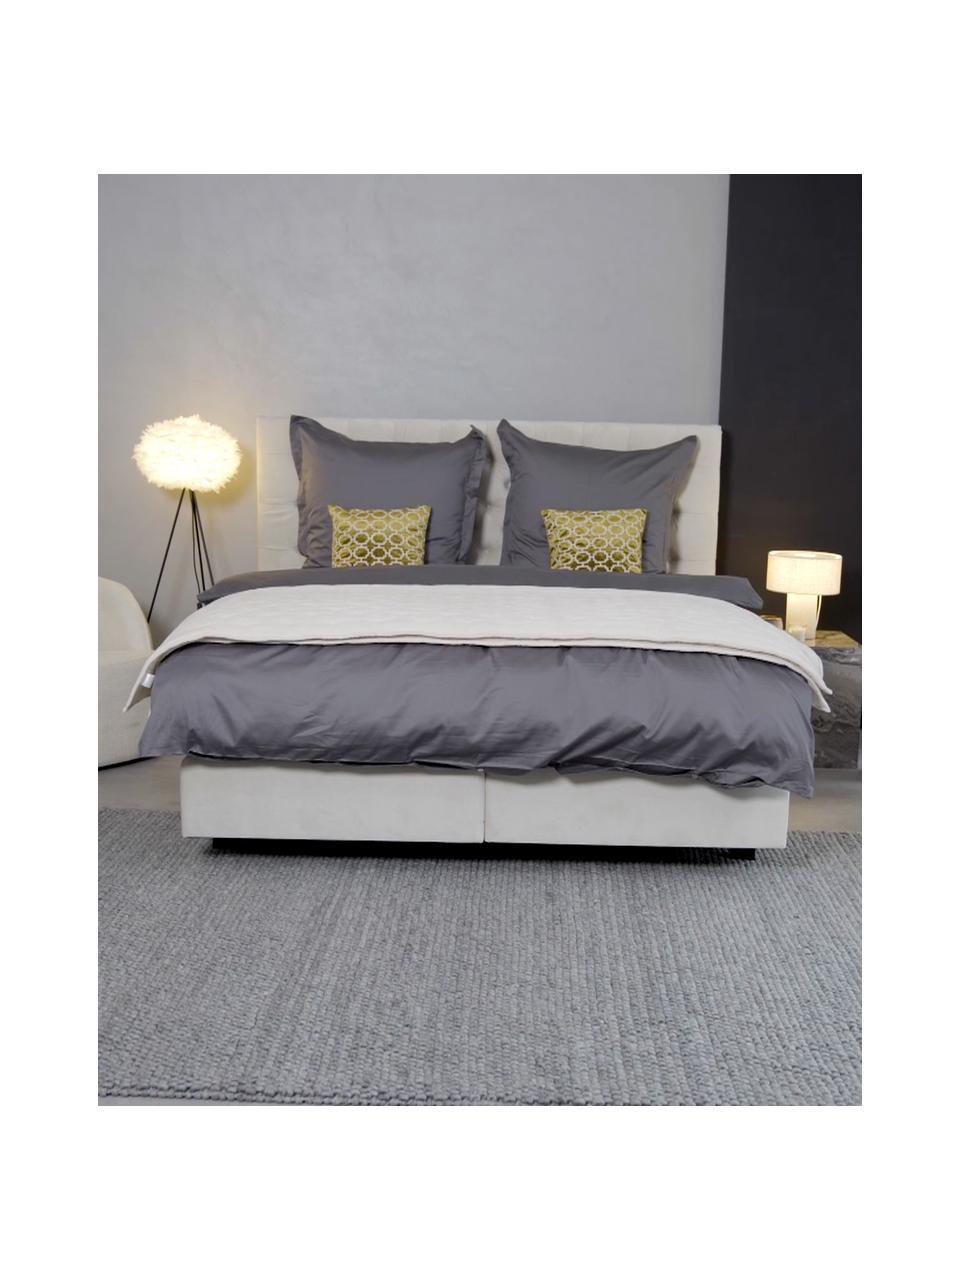 Łóżko kontynentalne z aksamitu premium Phoebe, Nogi: lite drewno brzozowe, lak, Aksamitny beżowy, 140 x 200 cm